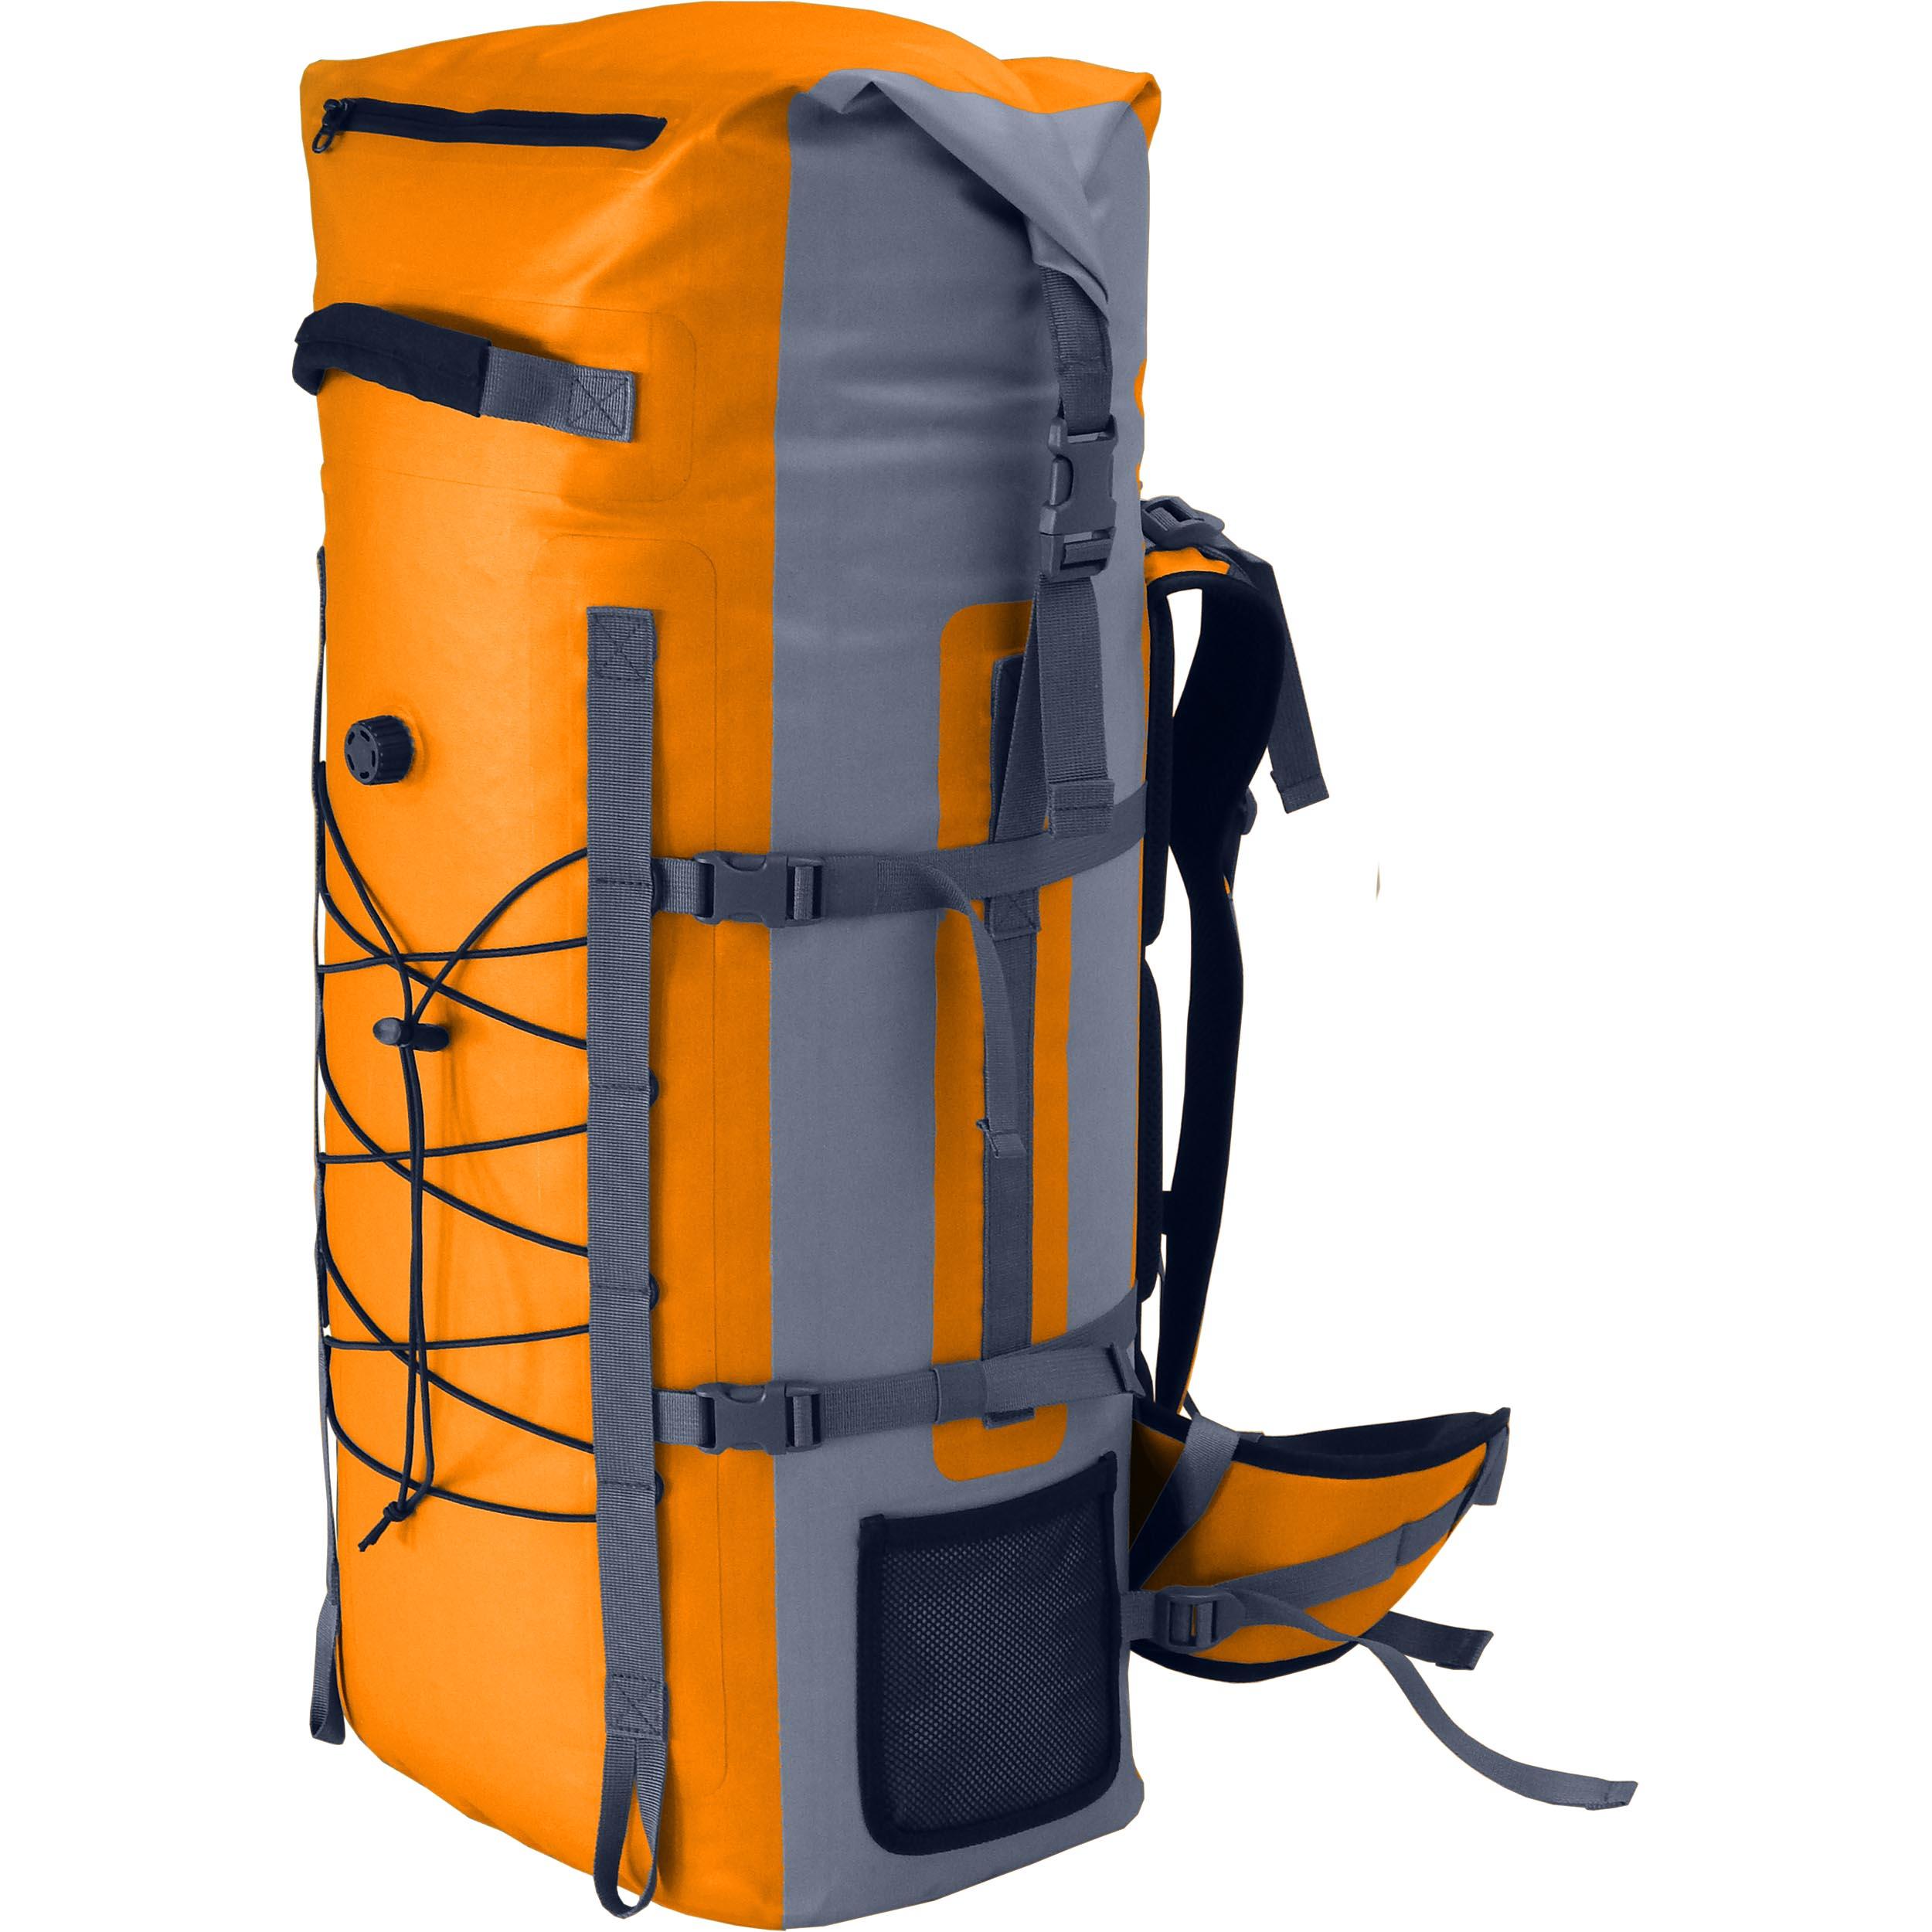 Рюкзак Nova tourРюкзаки<br>Назначение рюкзака: туристический,<br>Тип конструкции: станковый,<br>Тип: рюкзак,<br>Объем: 60,<br>Число лямок: 2,<br>Материал: полиэстер,<br>Цвет: оранжевый,<br>Боковые карманы: есть,<br>Боковая стяжка: есть,<br>Верхний клапан: есть,<br>Грудная стяжка: есть,<br>Поясной ремень: есть<br>